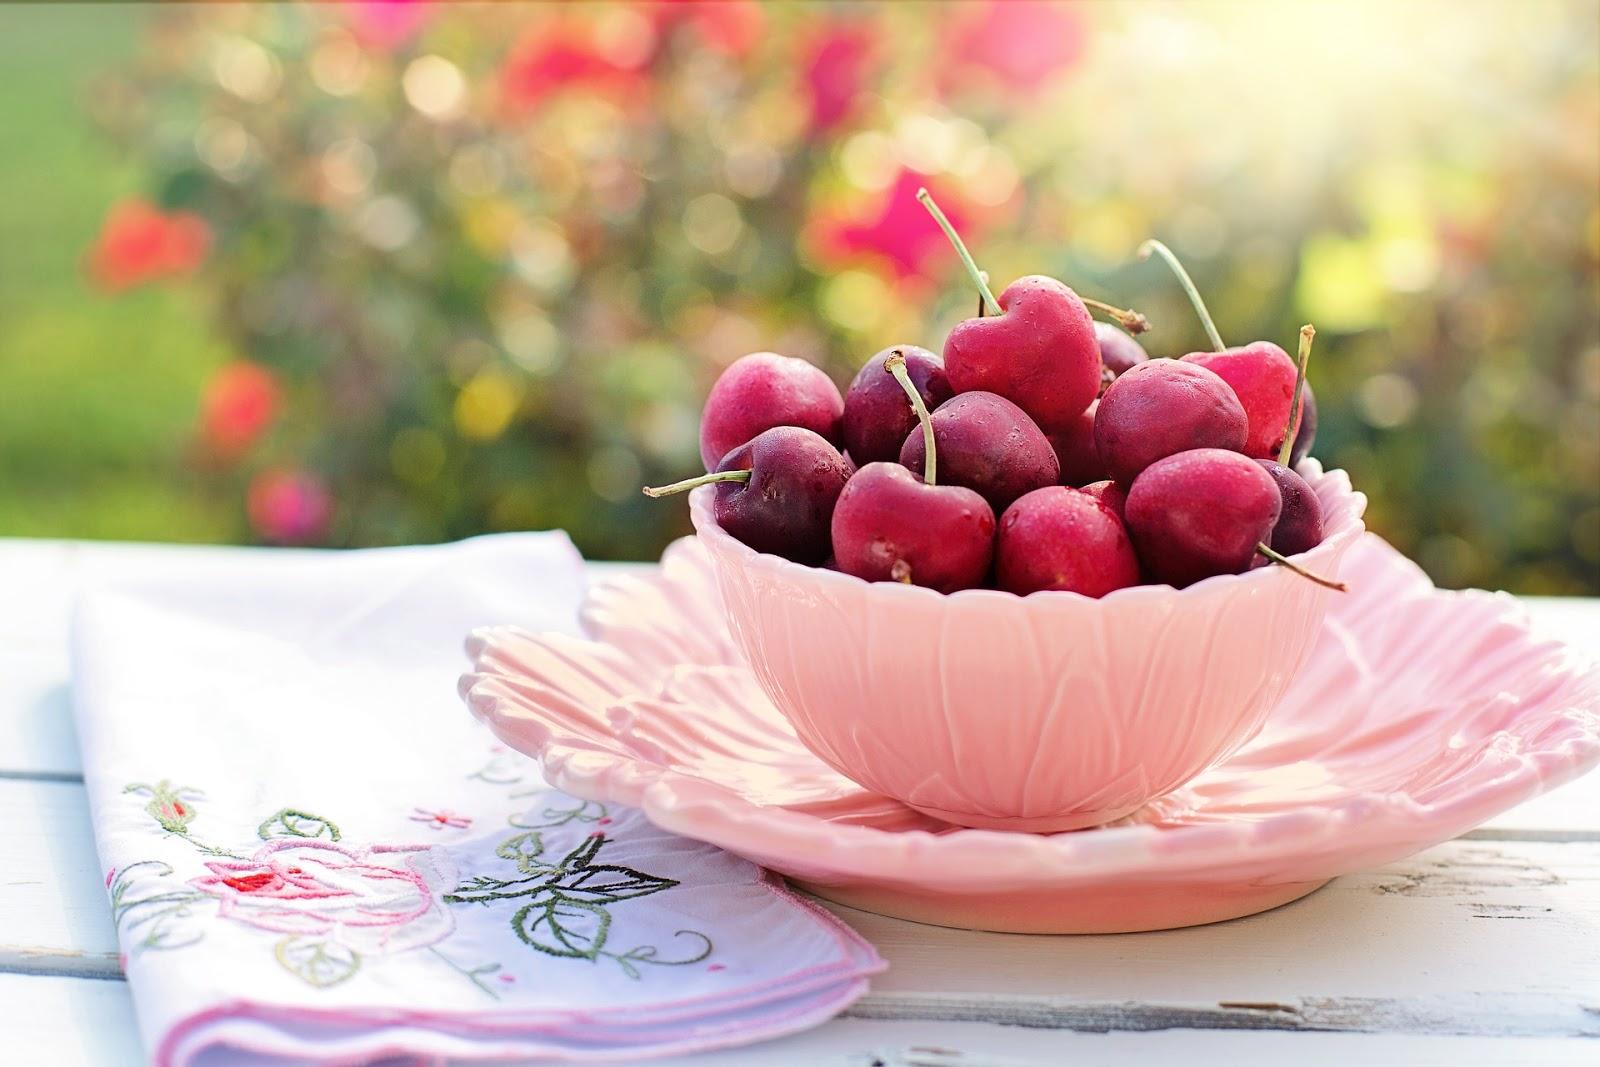 Размножение вишни: подробное описание способов, их преимуществ и недостатков, правил выращивания и ухода